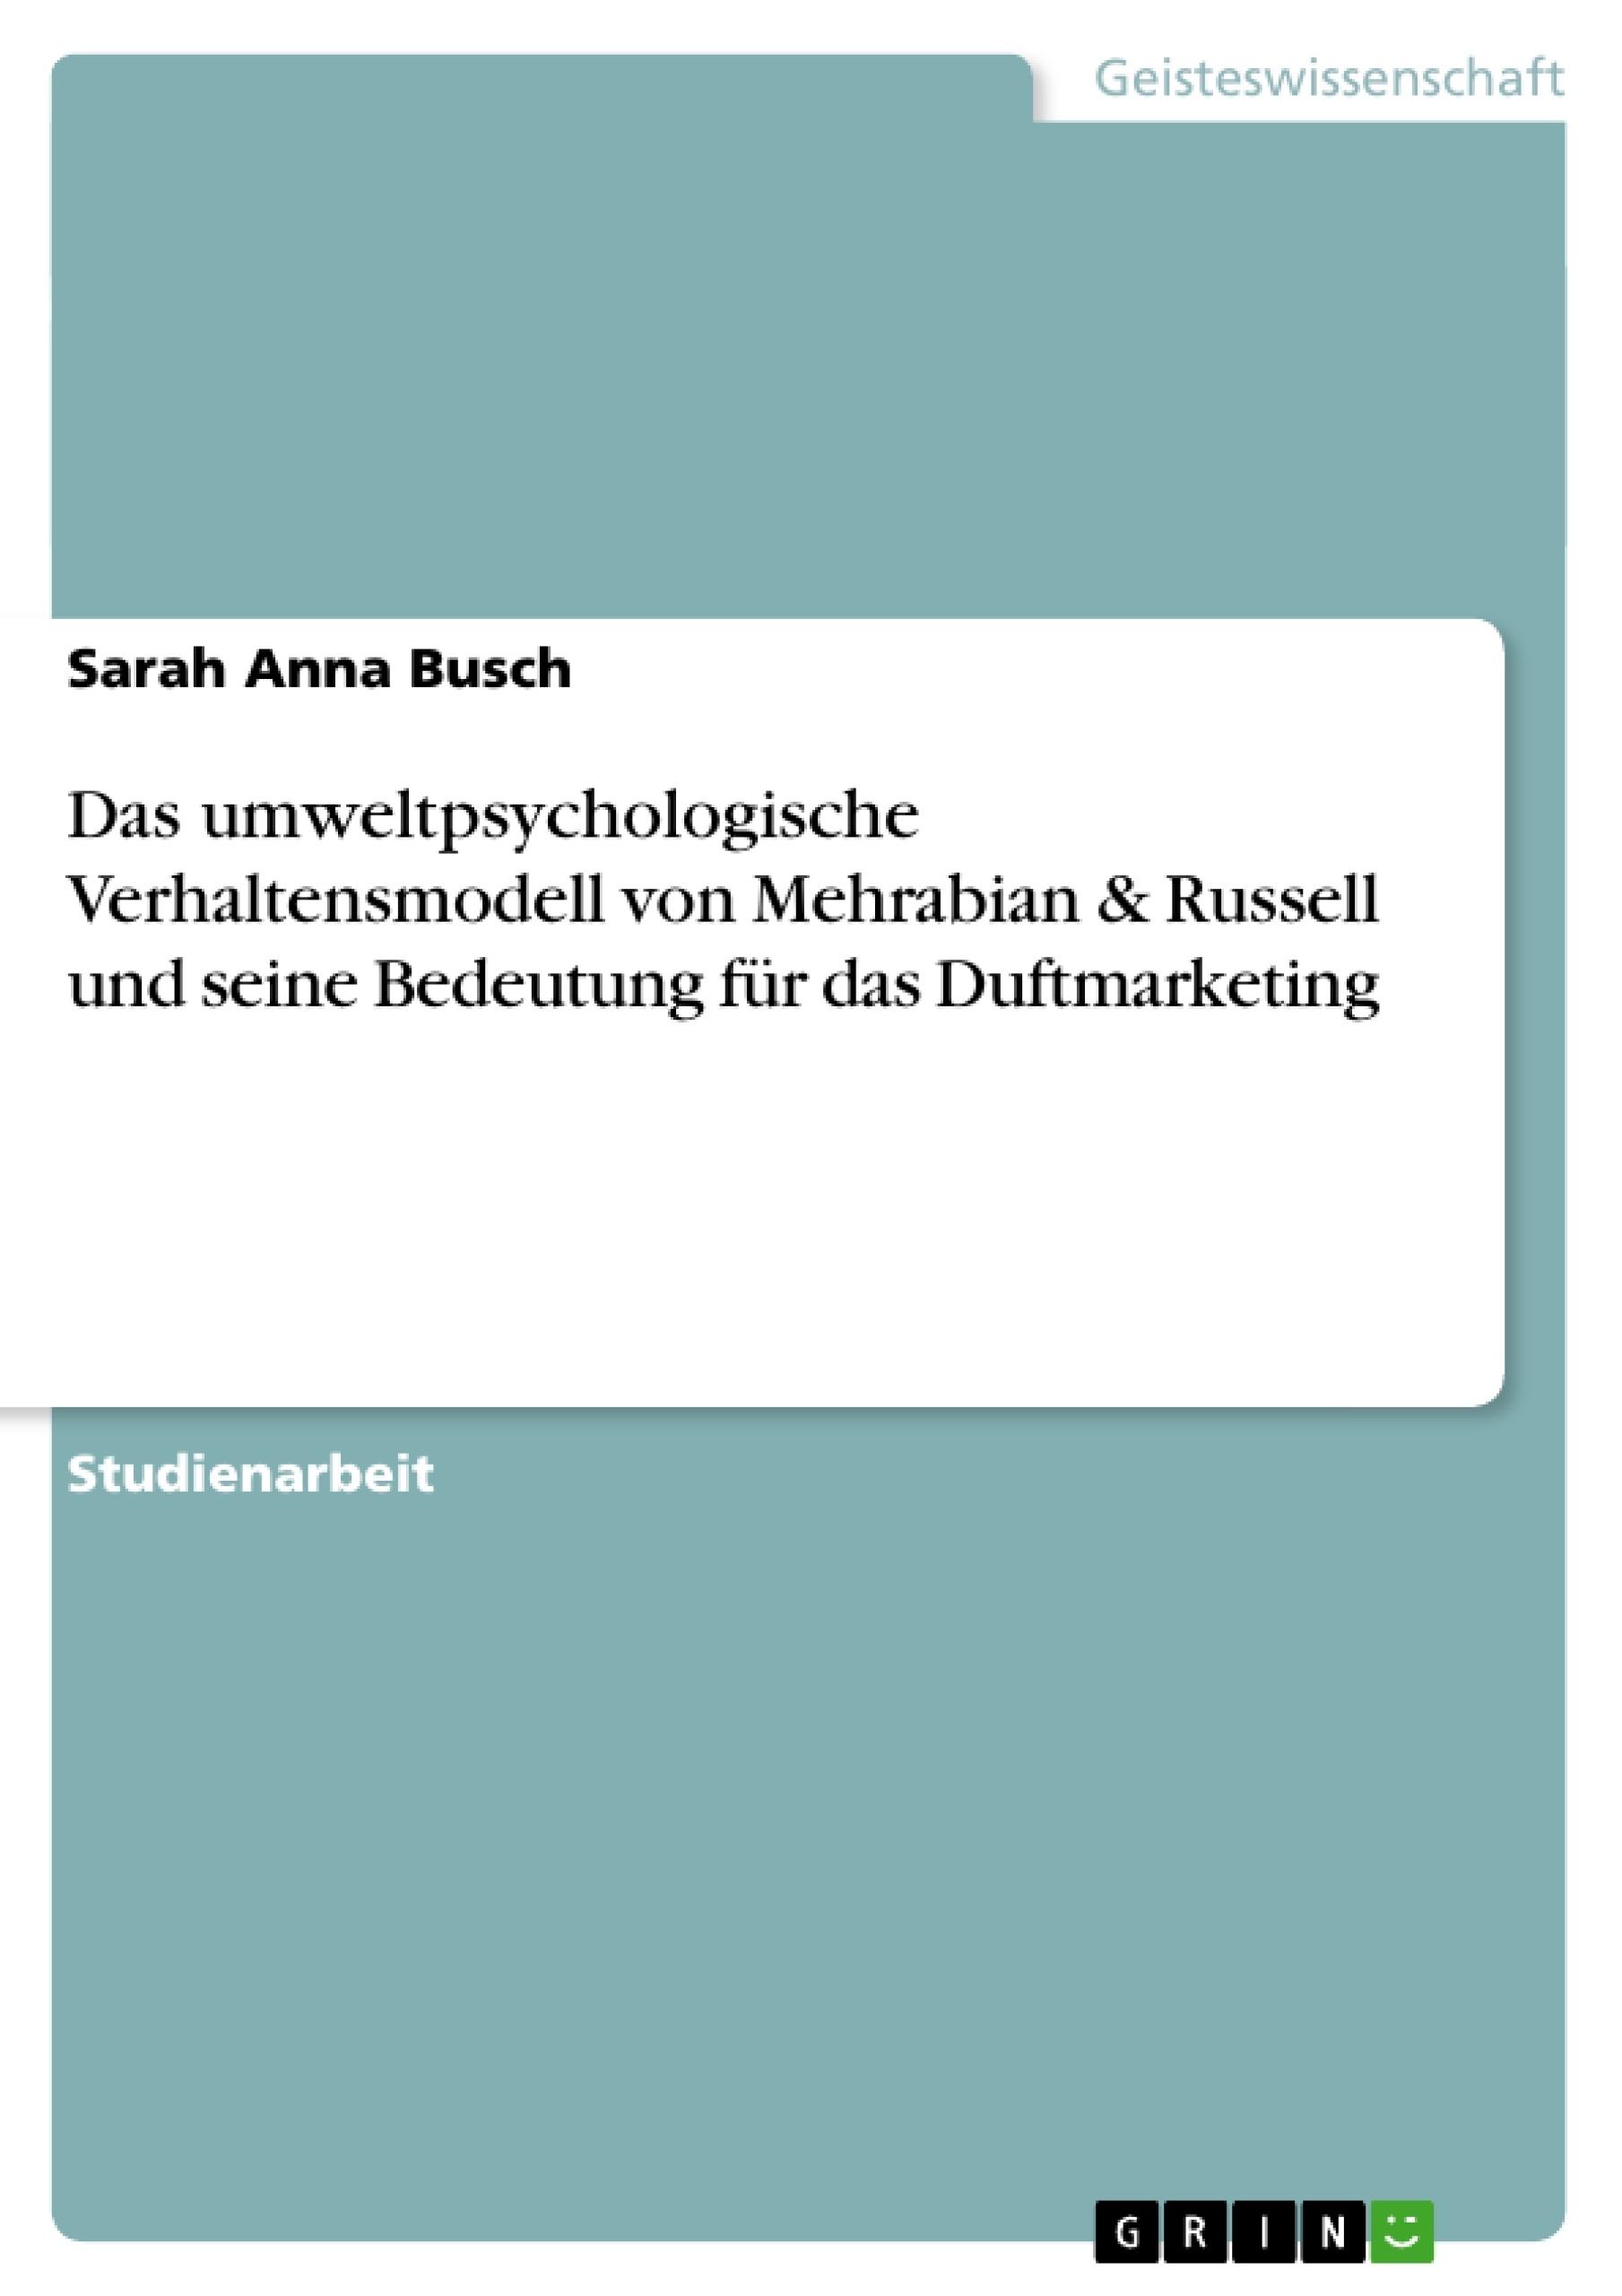 Titel: Das umweltpsychologische Verhaltensmodell von Mehrabian & Russell und seine Bedeutung für das Duftmarketing